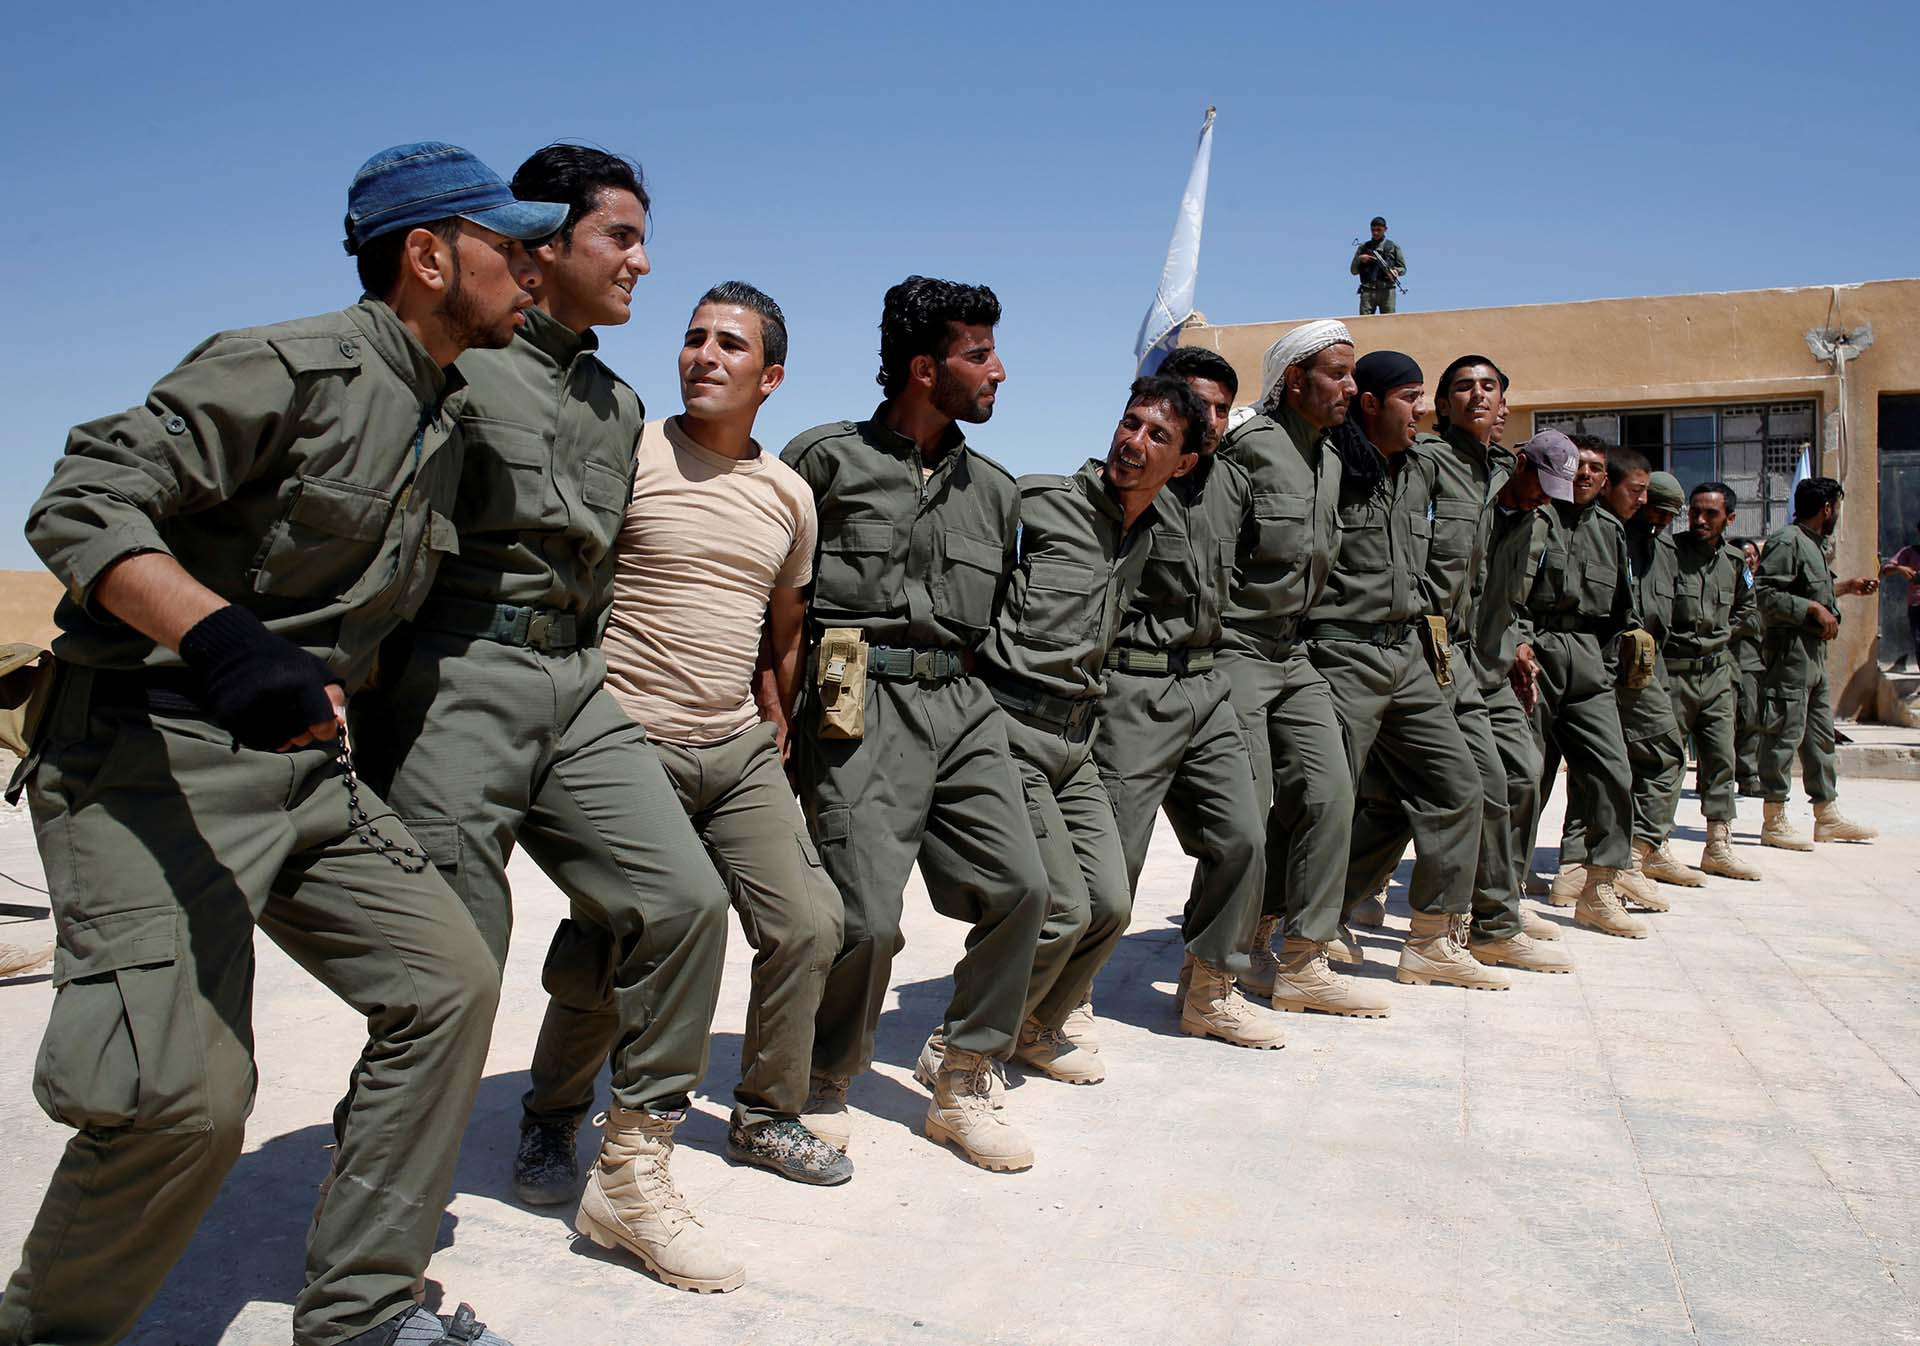 Los graduados de una fuerza de policía estadounidense, que esperan ser desplegados en Raqqa, bailan durante una ceremonia de egreso cerca del pueblo de Ain Issa, al norte de Raqqa, Siria